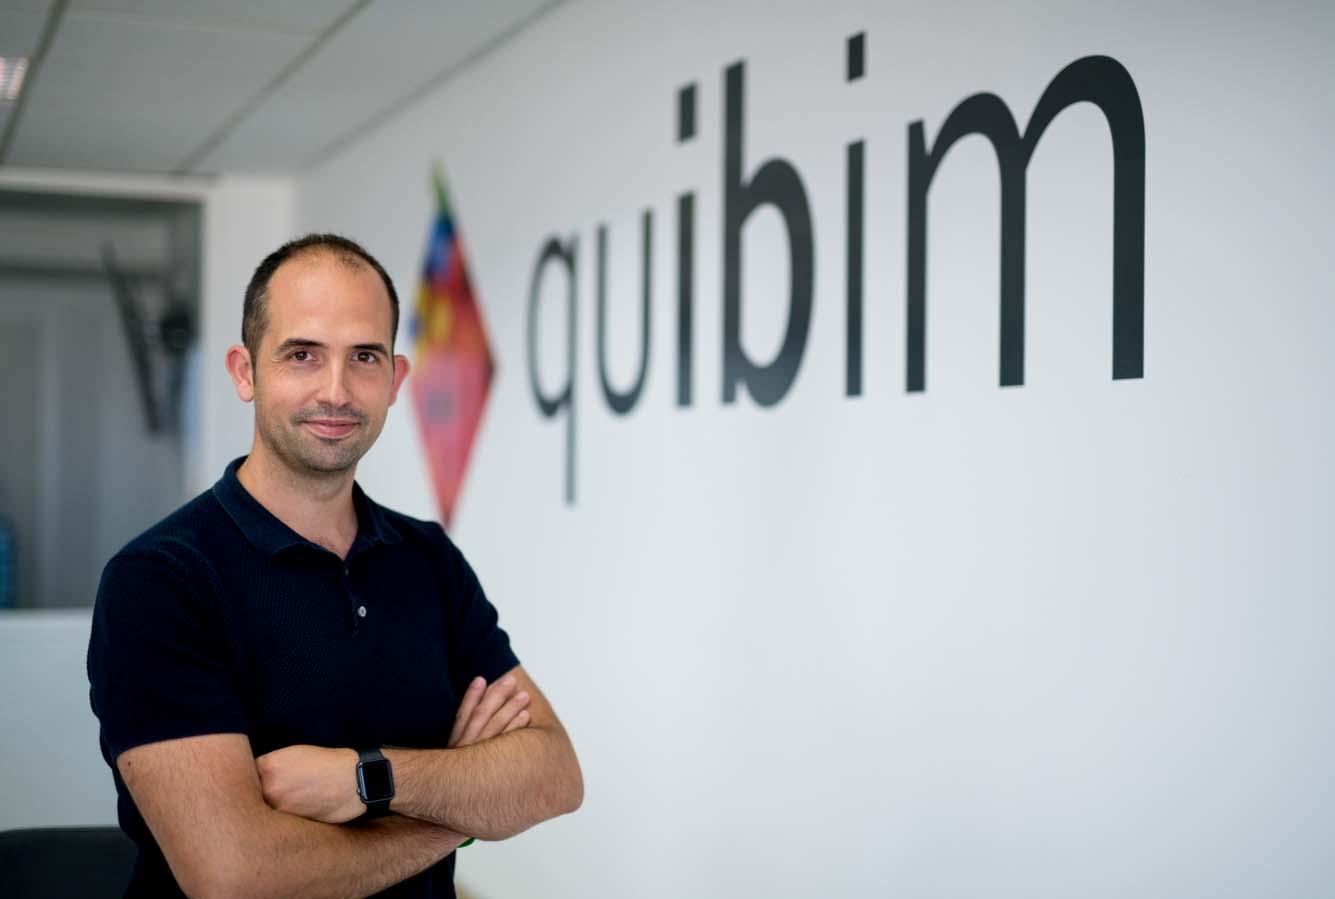 Imagen destacada La medtech valenciana Quibim cierra una ronda de inversión de 8 millones